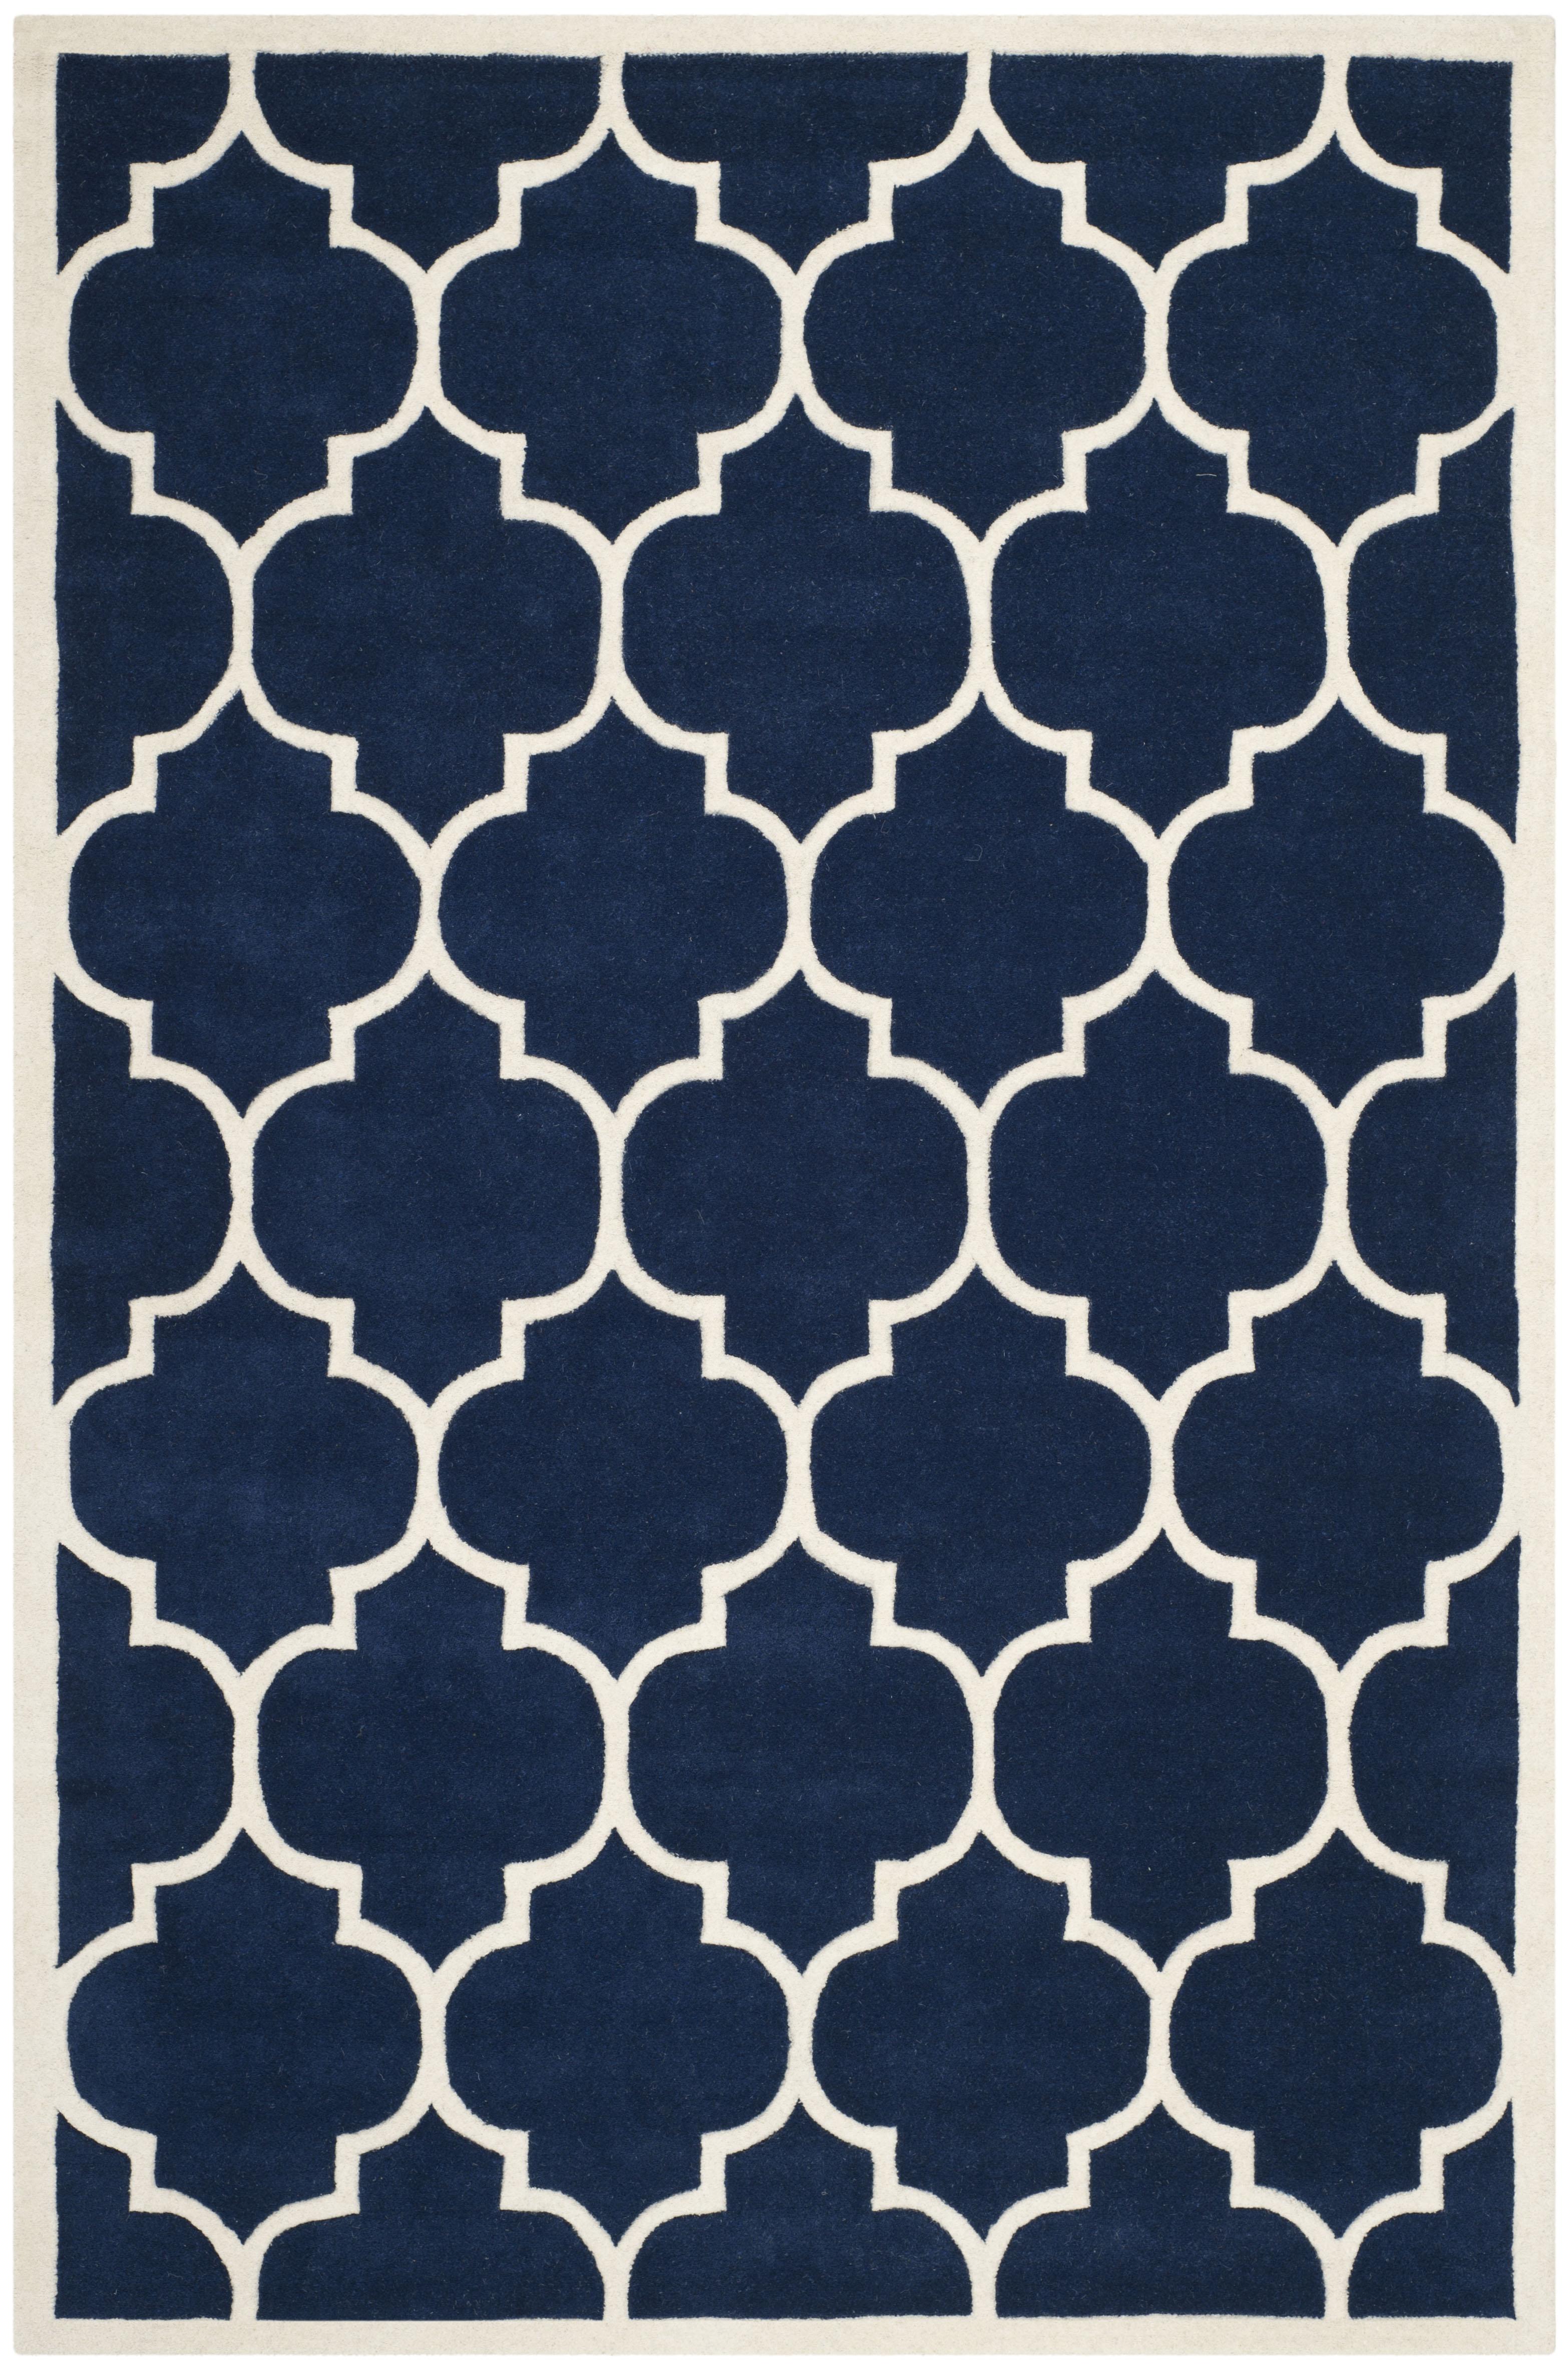 Tapis de salon moderne  bleu foncé et ivoire 152x243